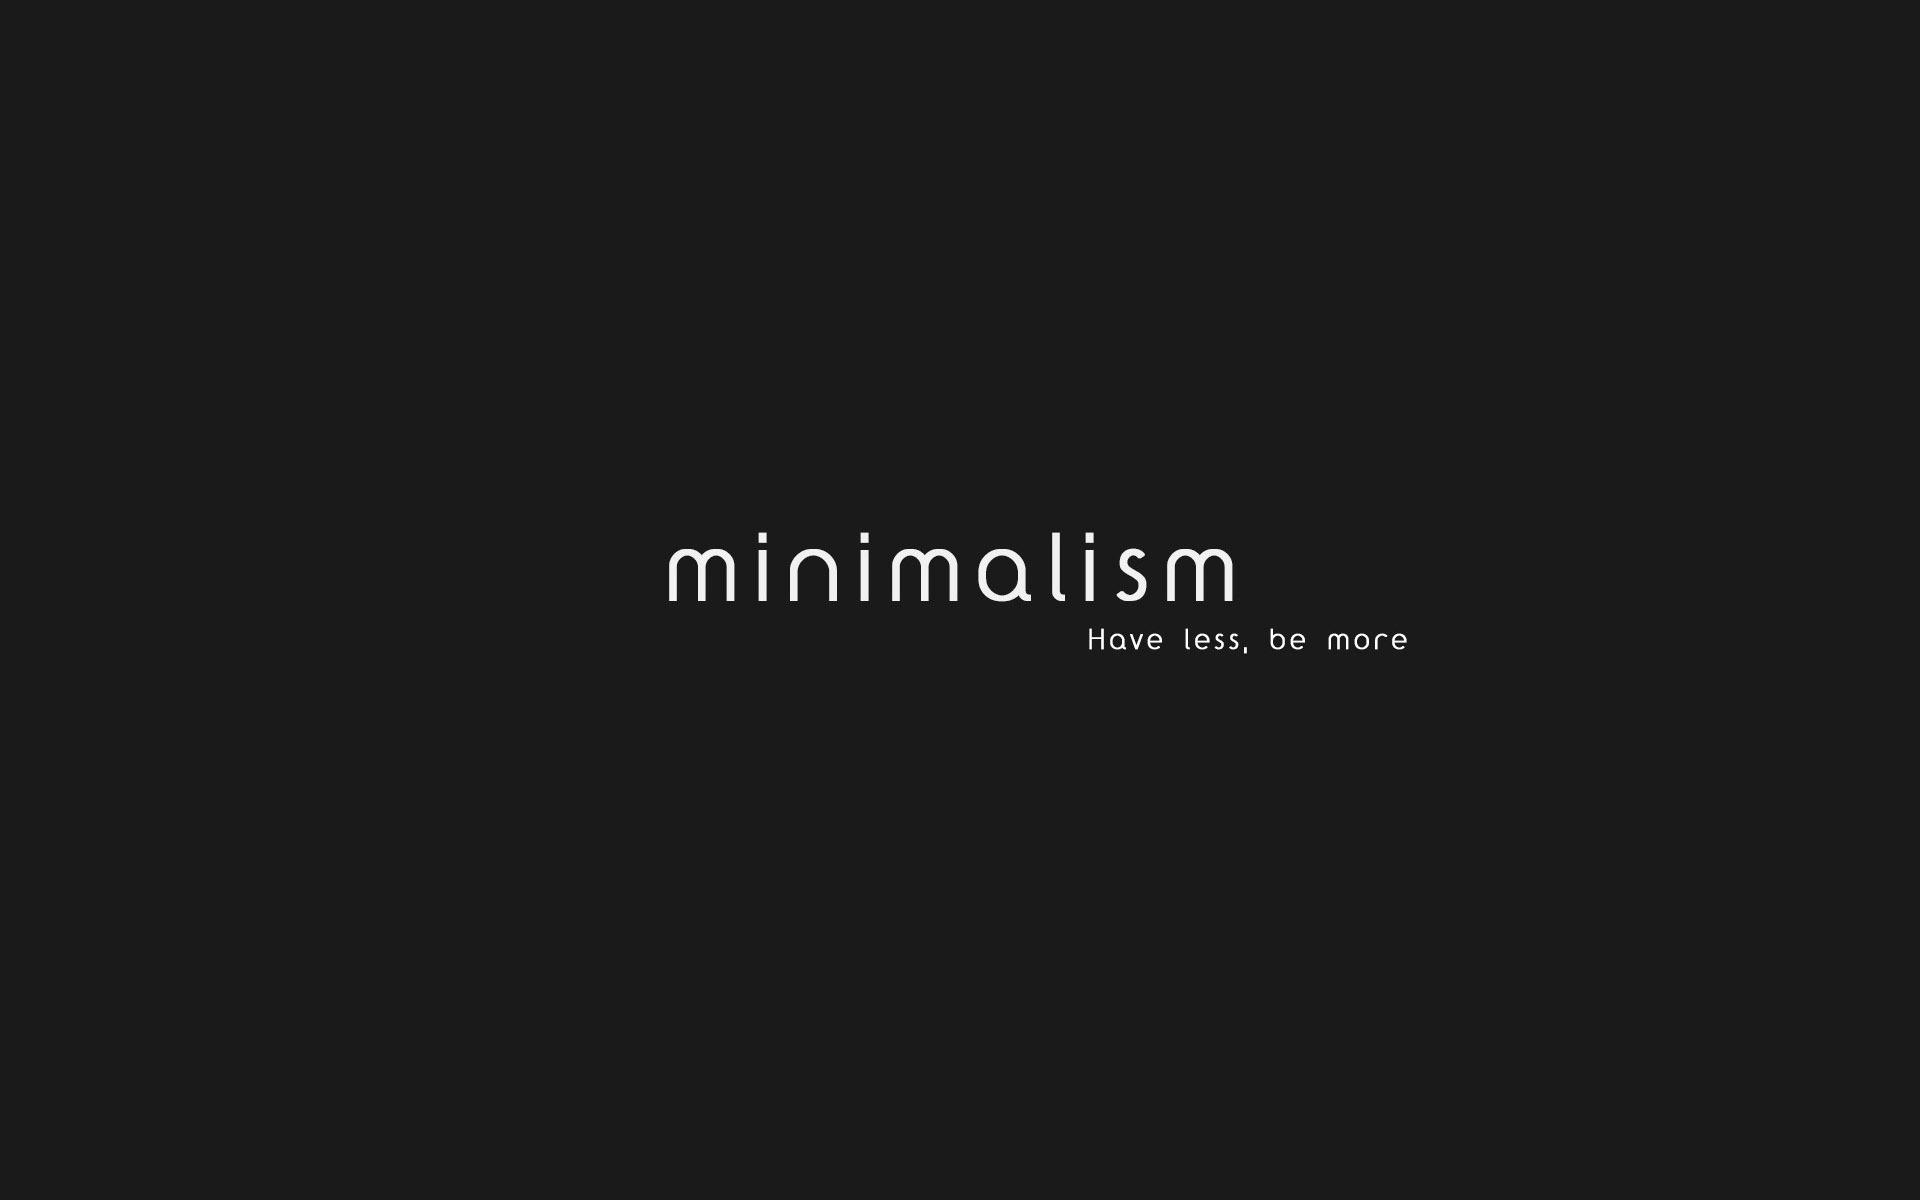 Minimalist hd wallpaper wallpapersafari for Minimalist design definition